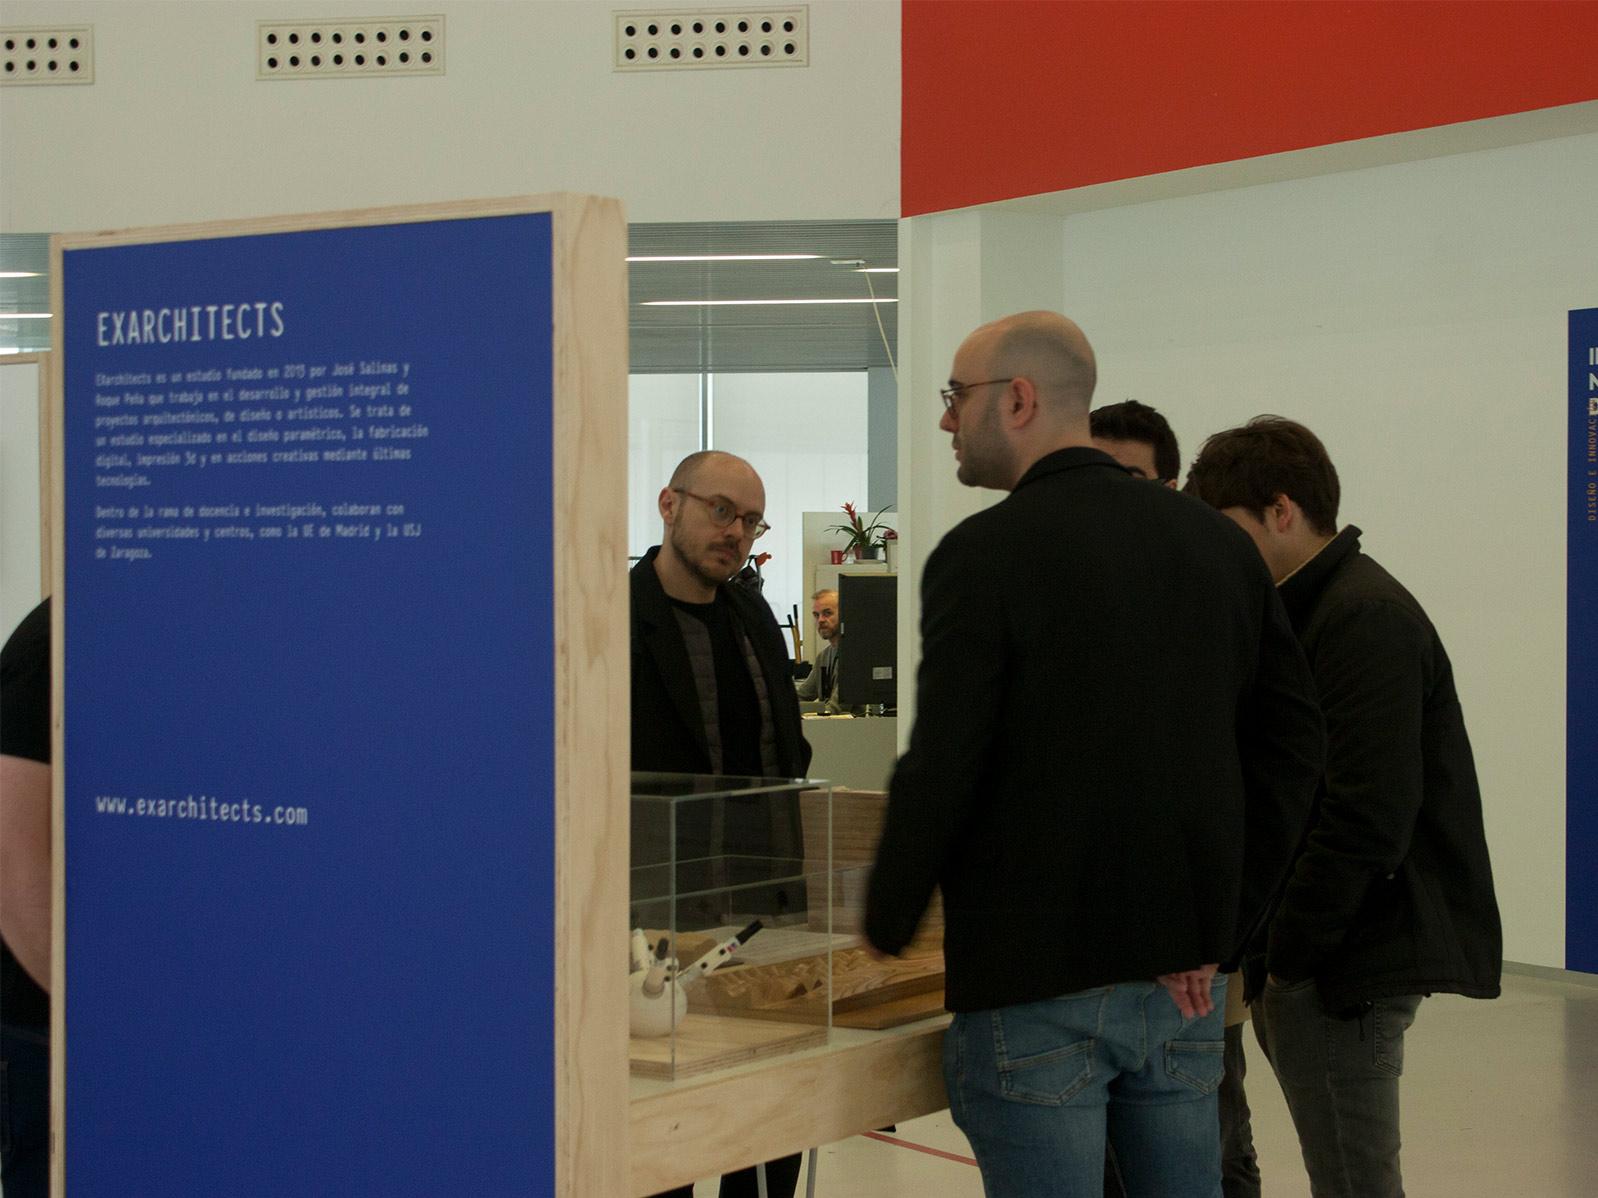 Conferencia y exposición en Proyecta XII en la Escuela de Diseño de Zaragoza_ EXarchitects